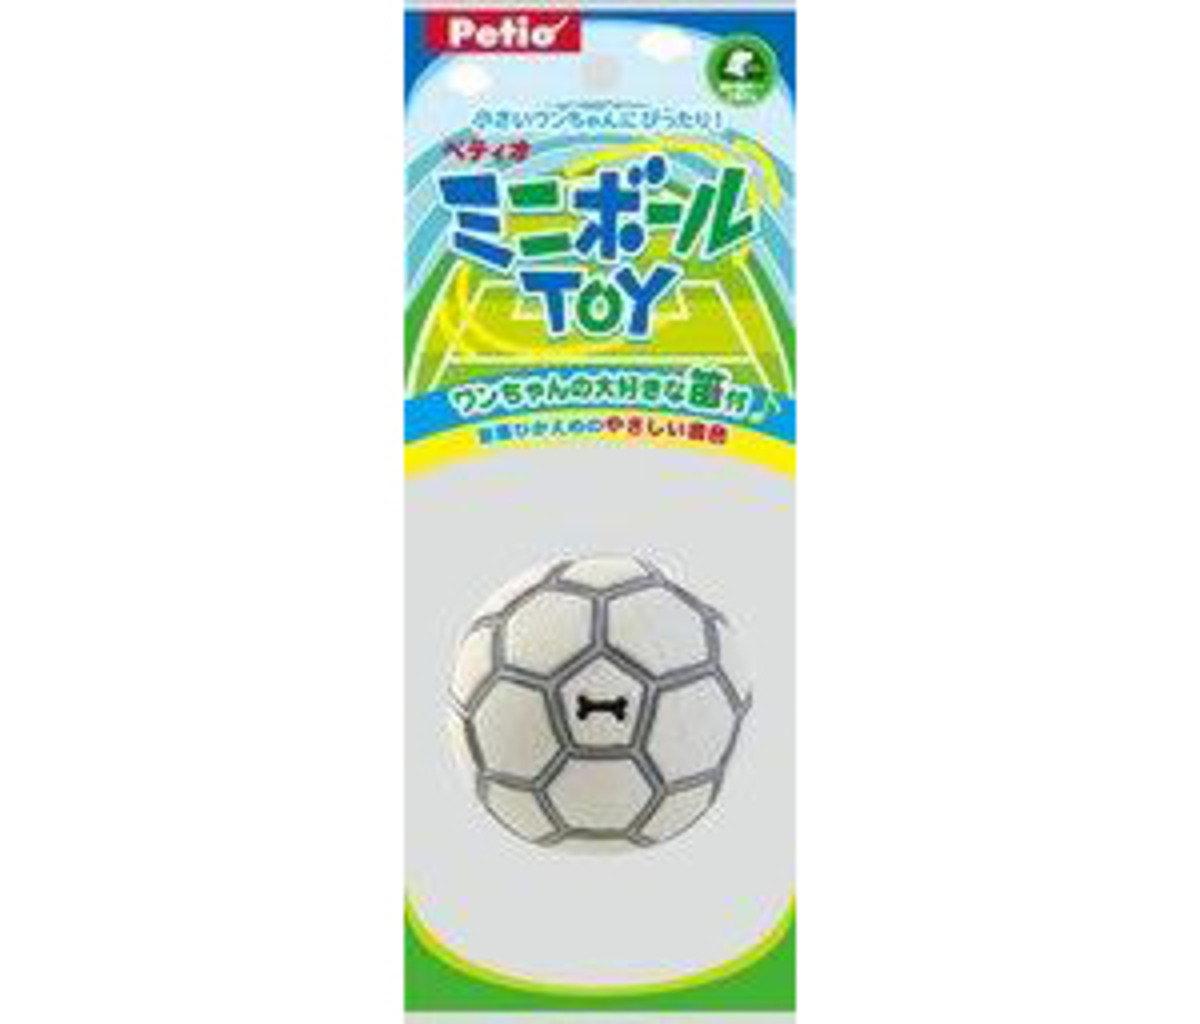 PO23592 日本 PETIO 發聲玩具 - 足球